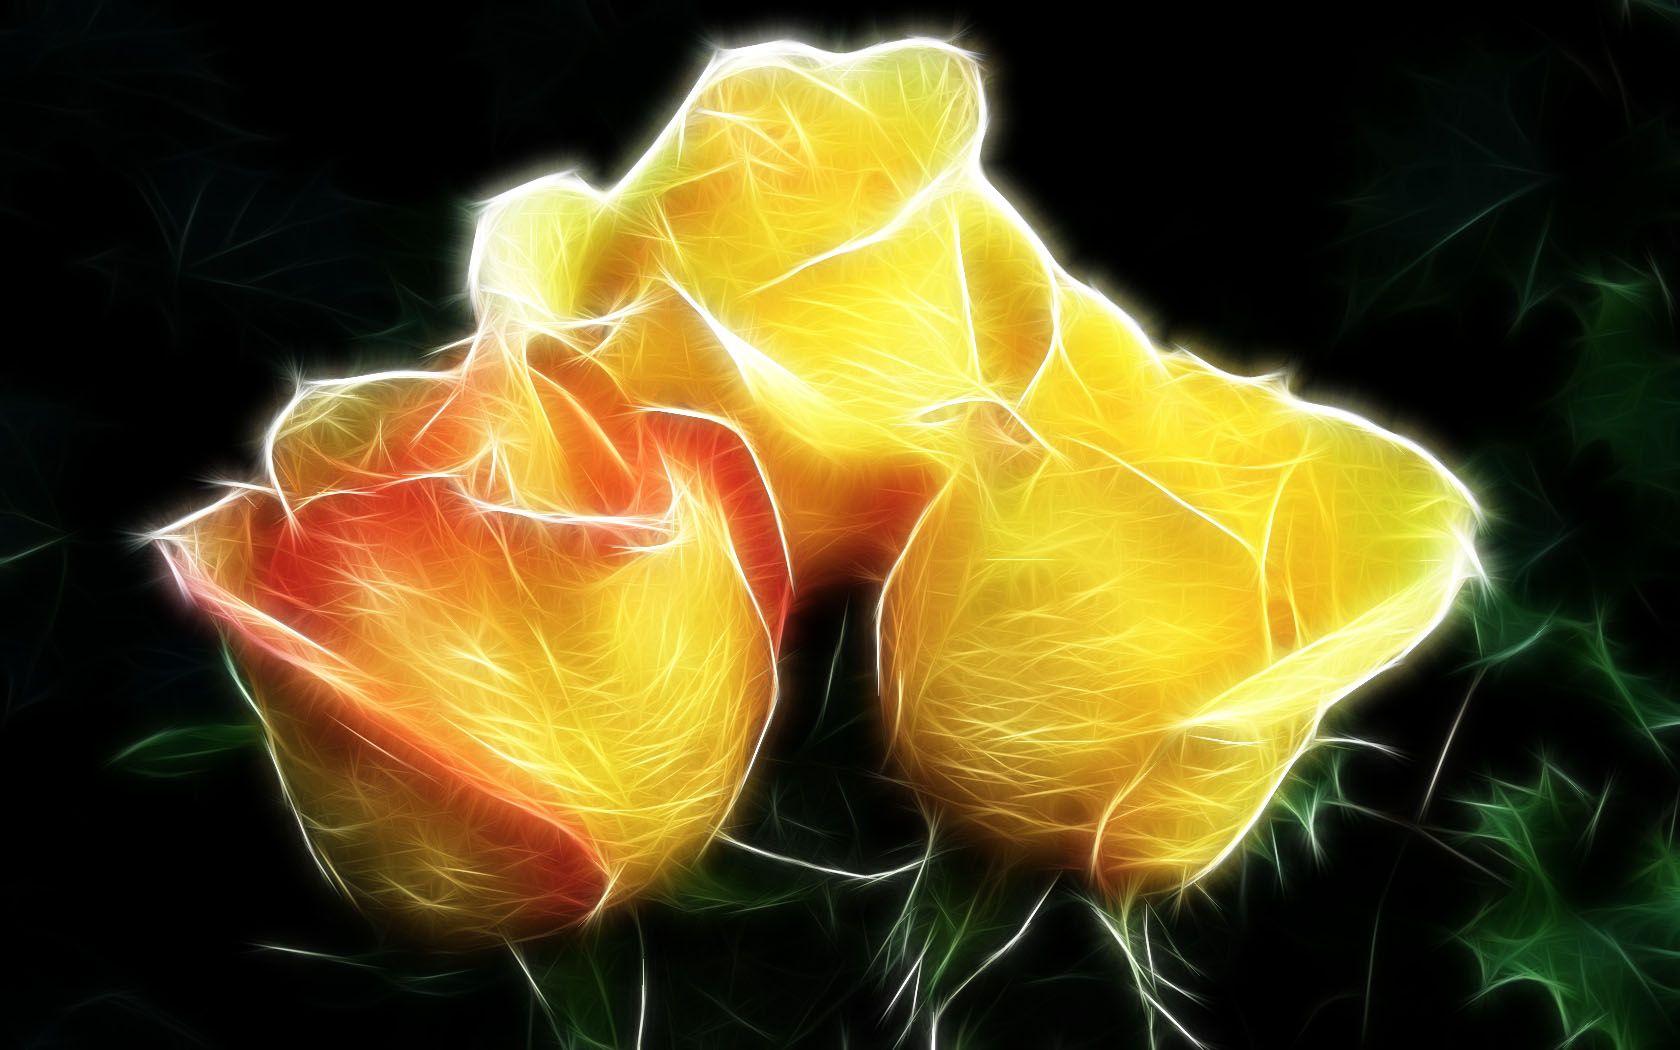 Artístico - Flor  Yellow Rose Fractal Fondo de Pantalla